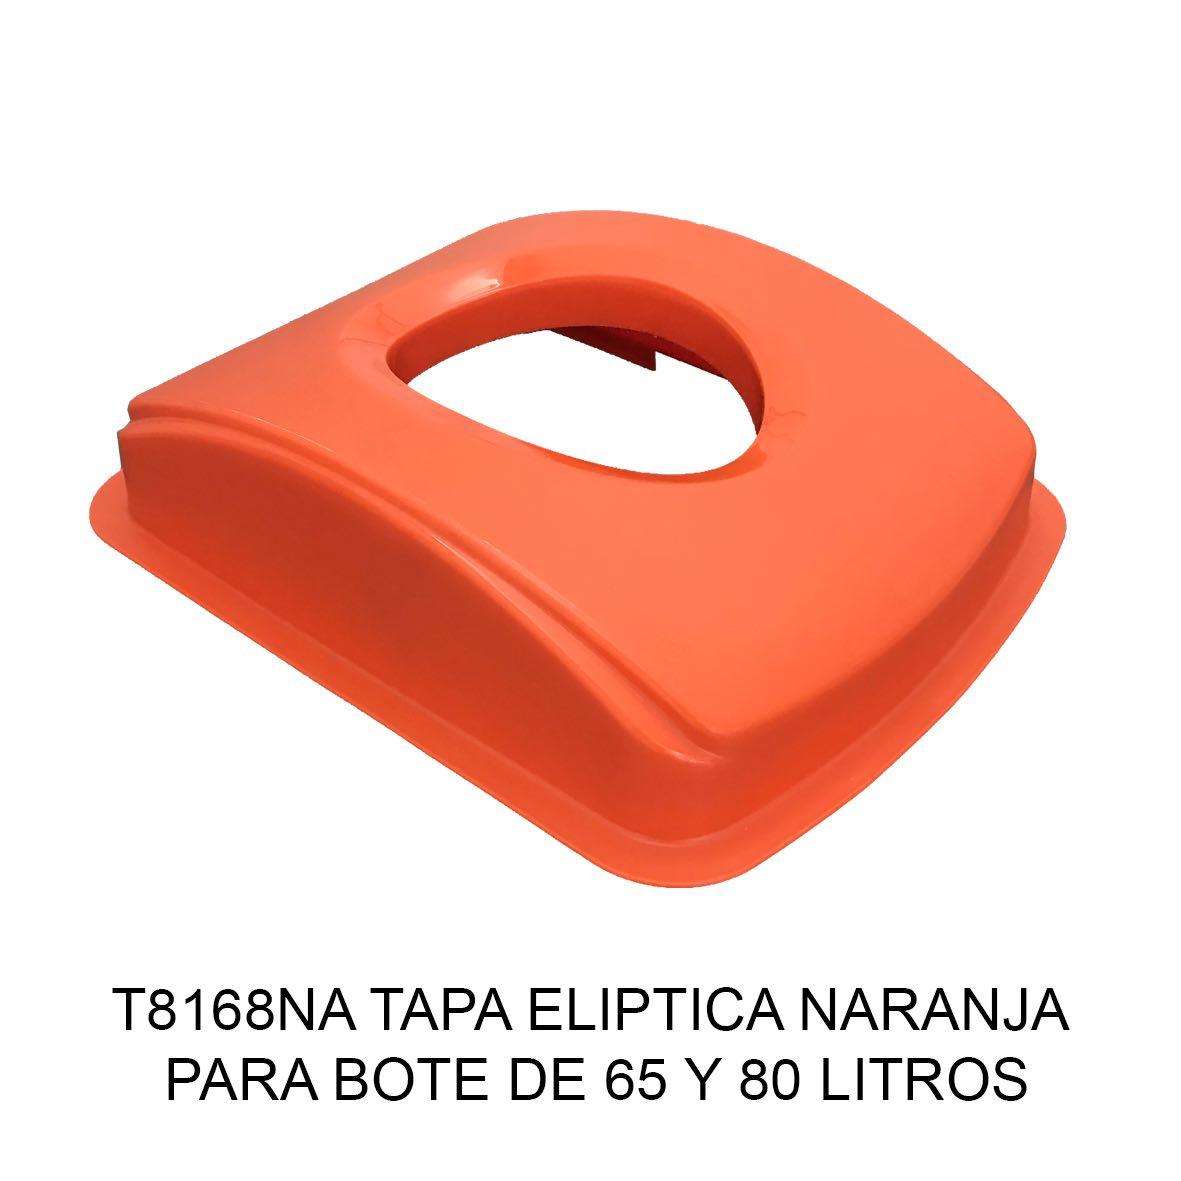 Tapa elíptica para bote de basura color naranja para botes de 65 y 80 litros Modelo T8168NA de Sablón